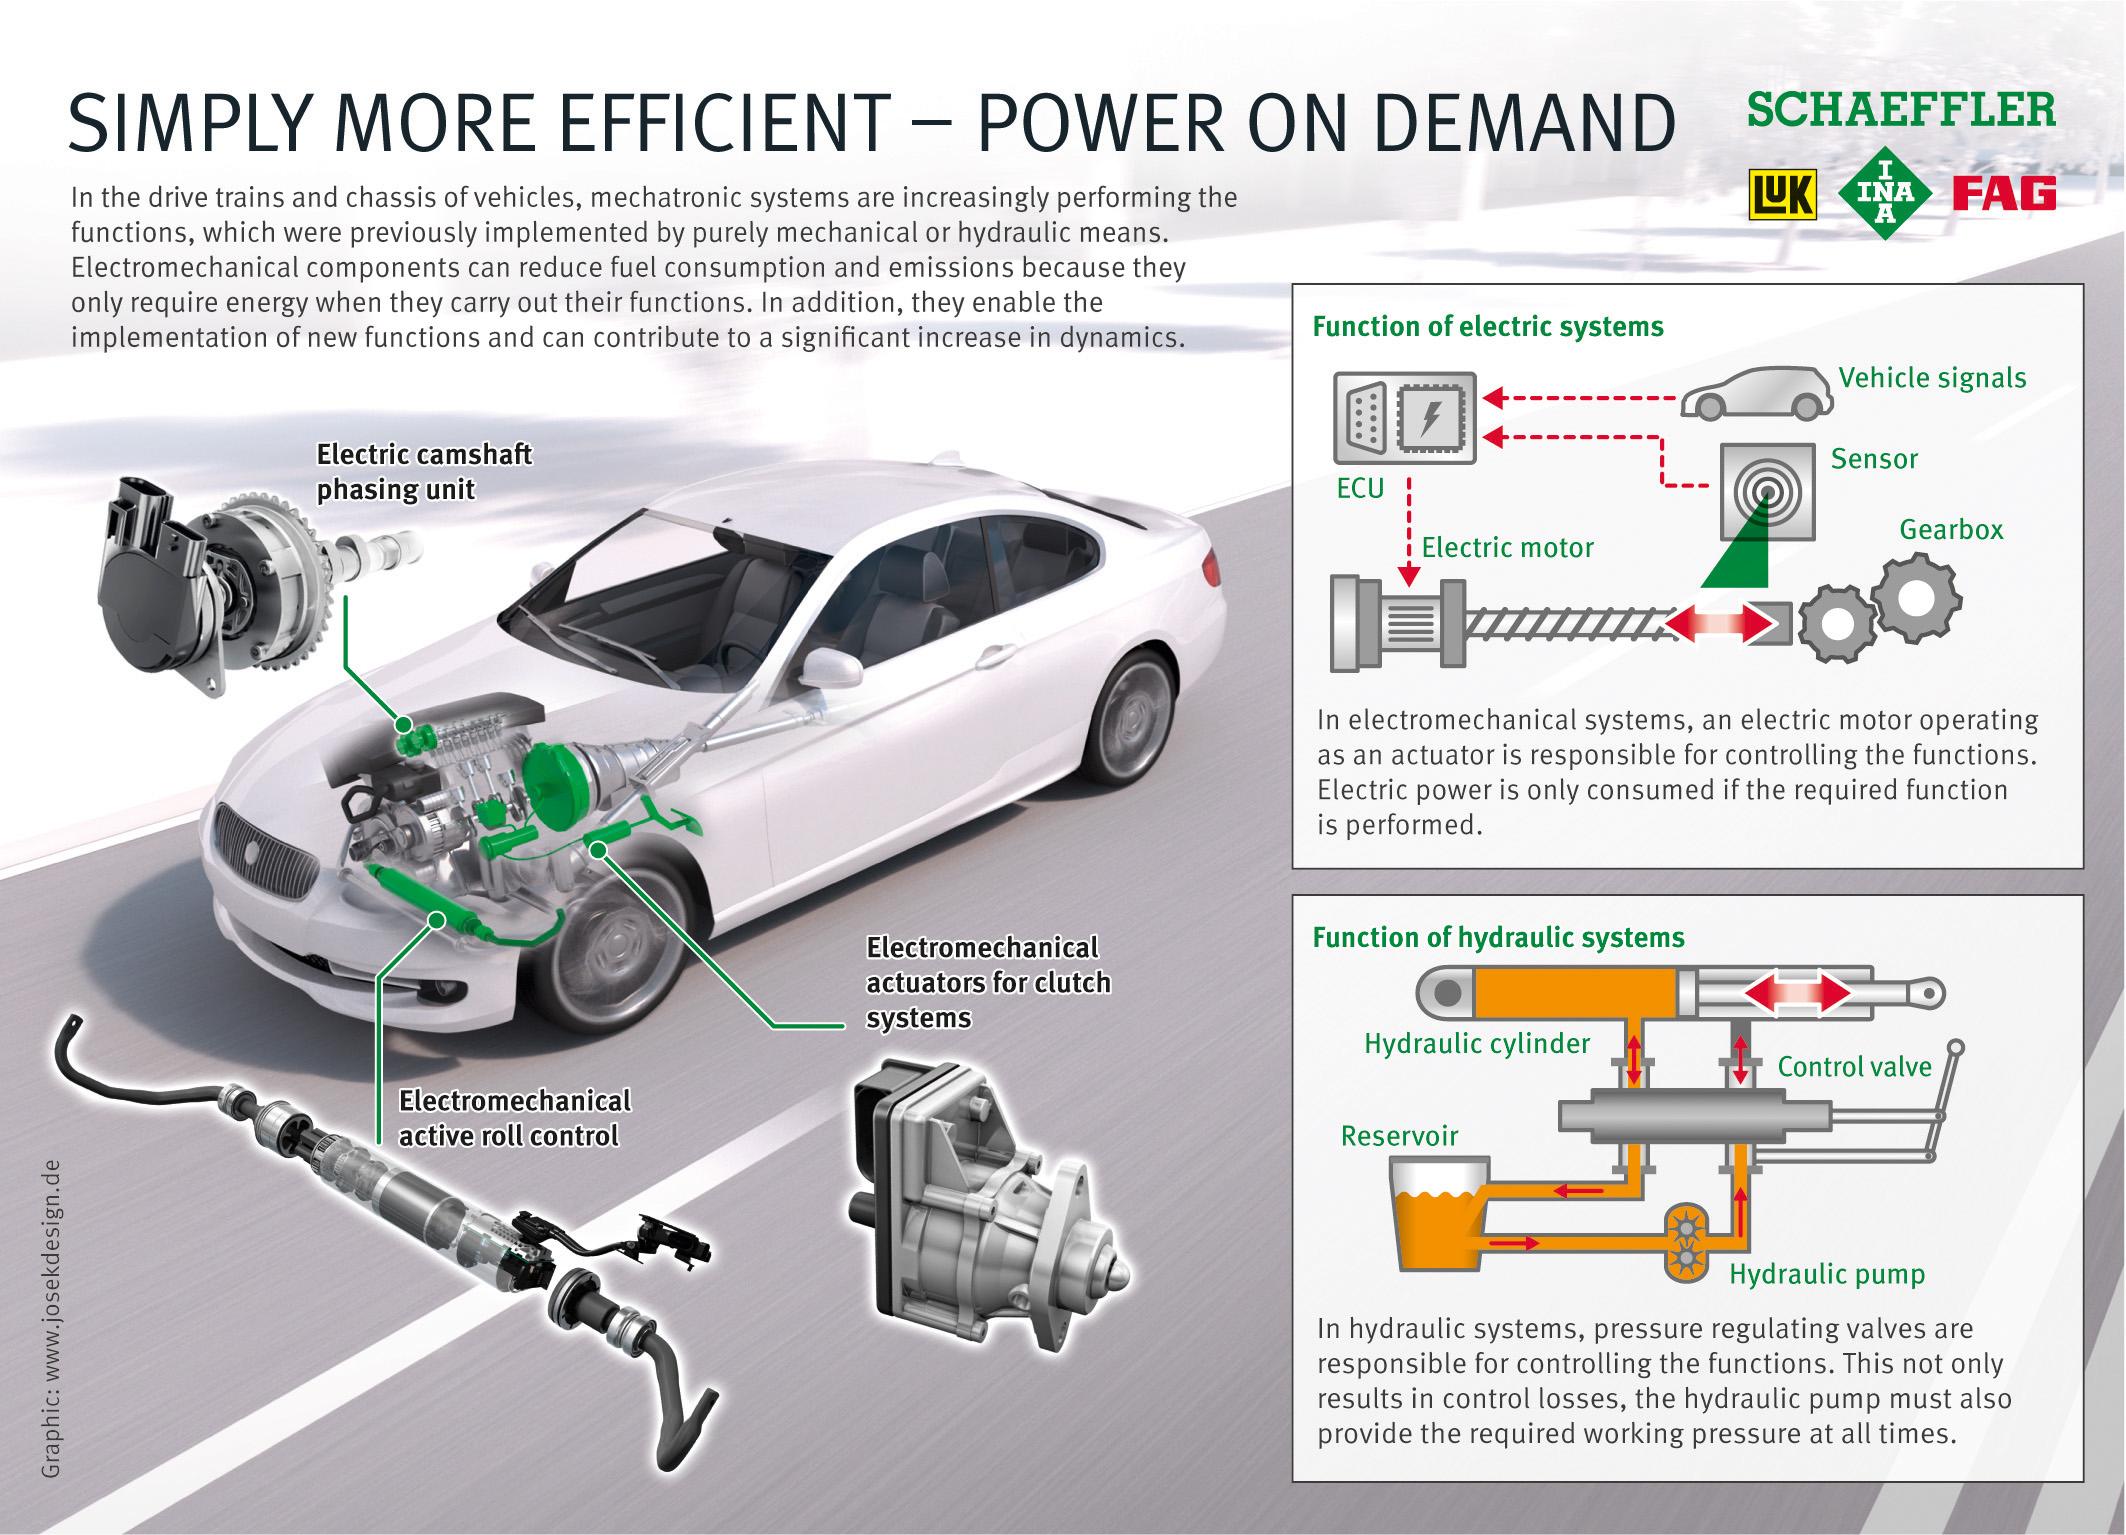 Schaeffler Power On Demand System